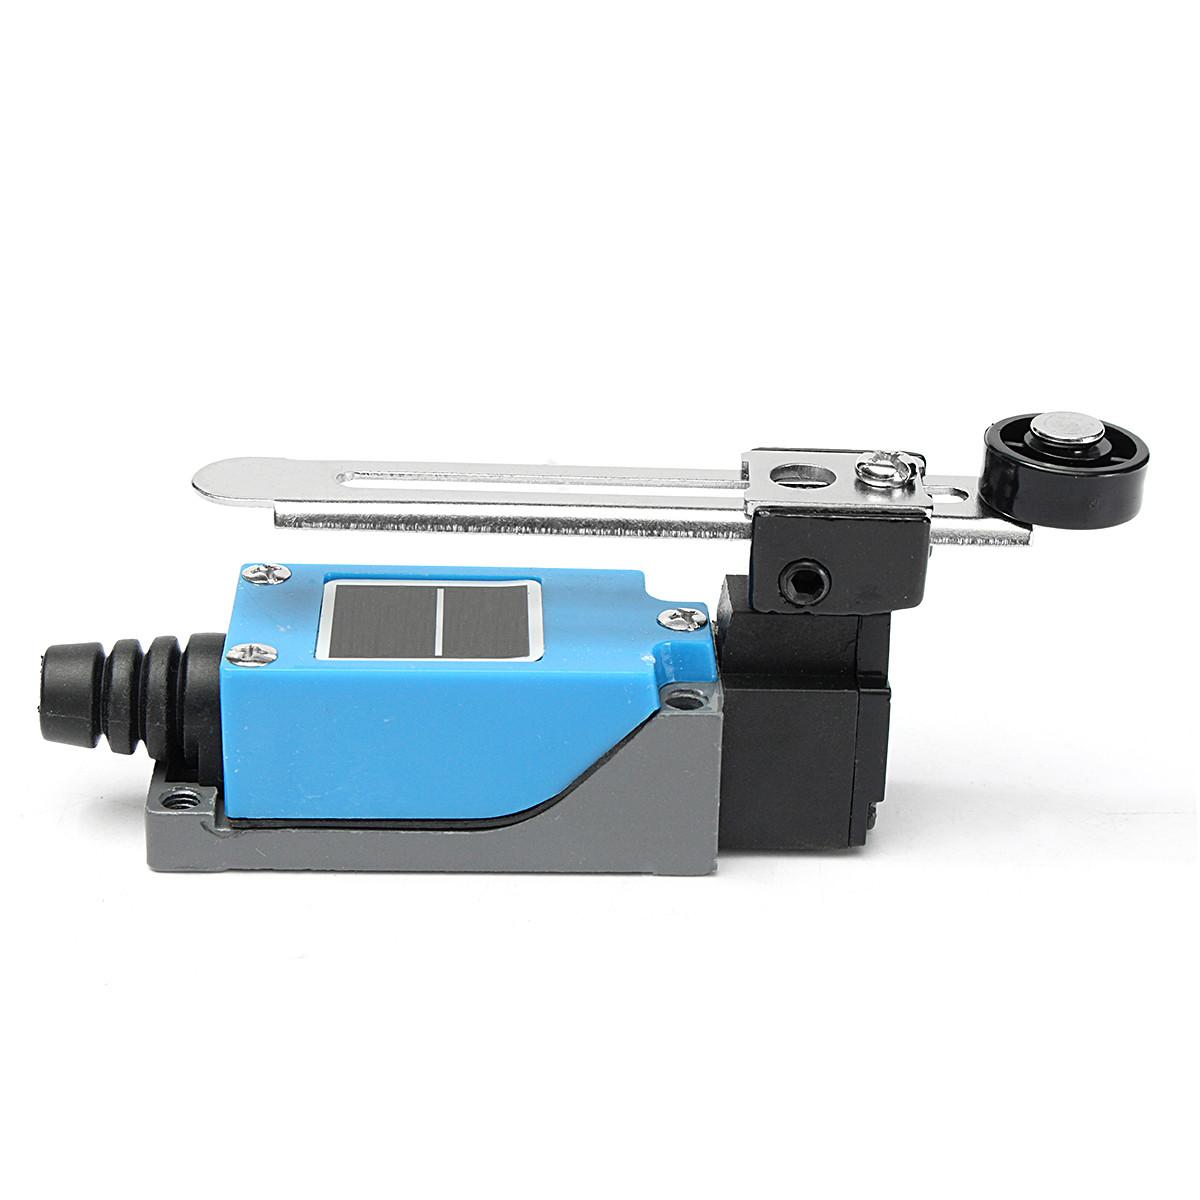 Excellway® 5шт. Предельный выключатель AC 250V 5A Регулируемый поворотный рычаг Ролик - фото 6